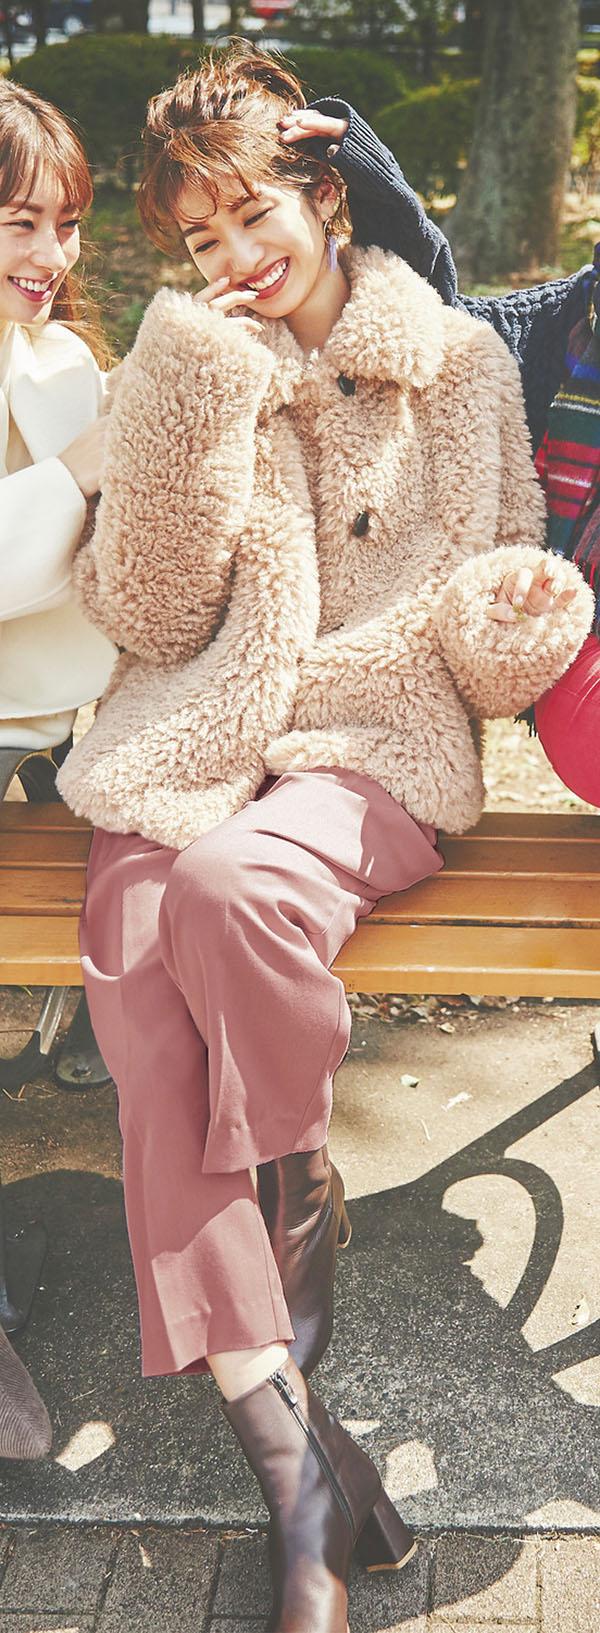 女のコらしくしたい気分の日はベリー系パンツ『個性派カジュアル』